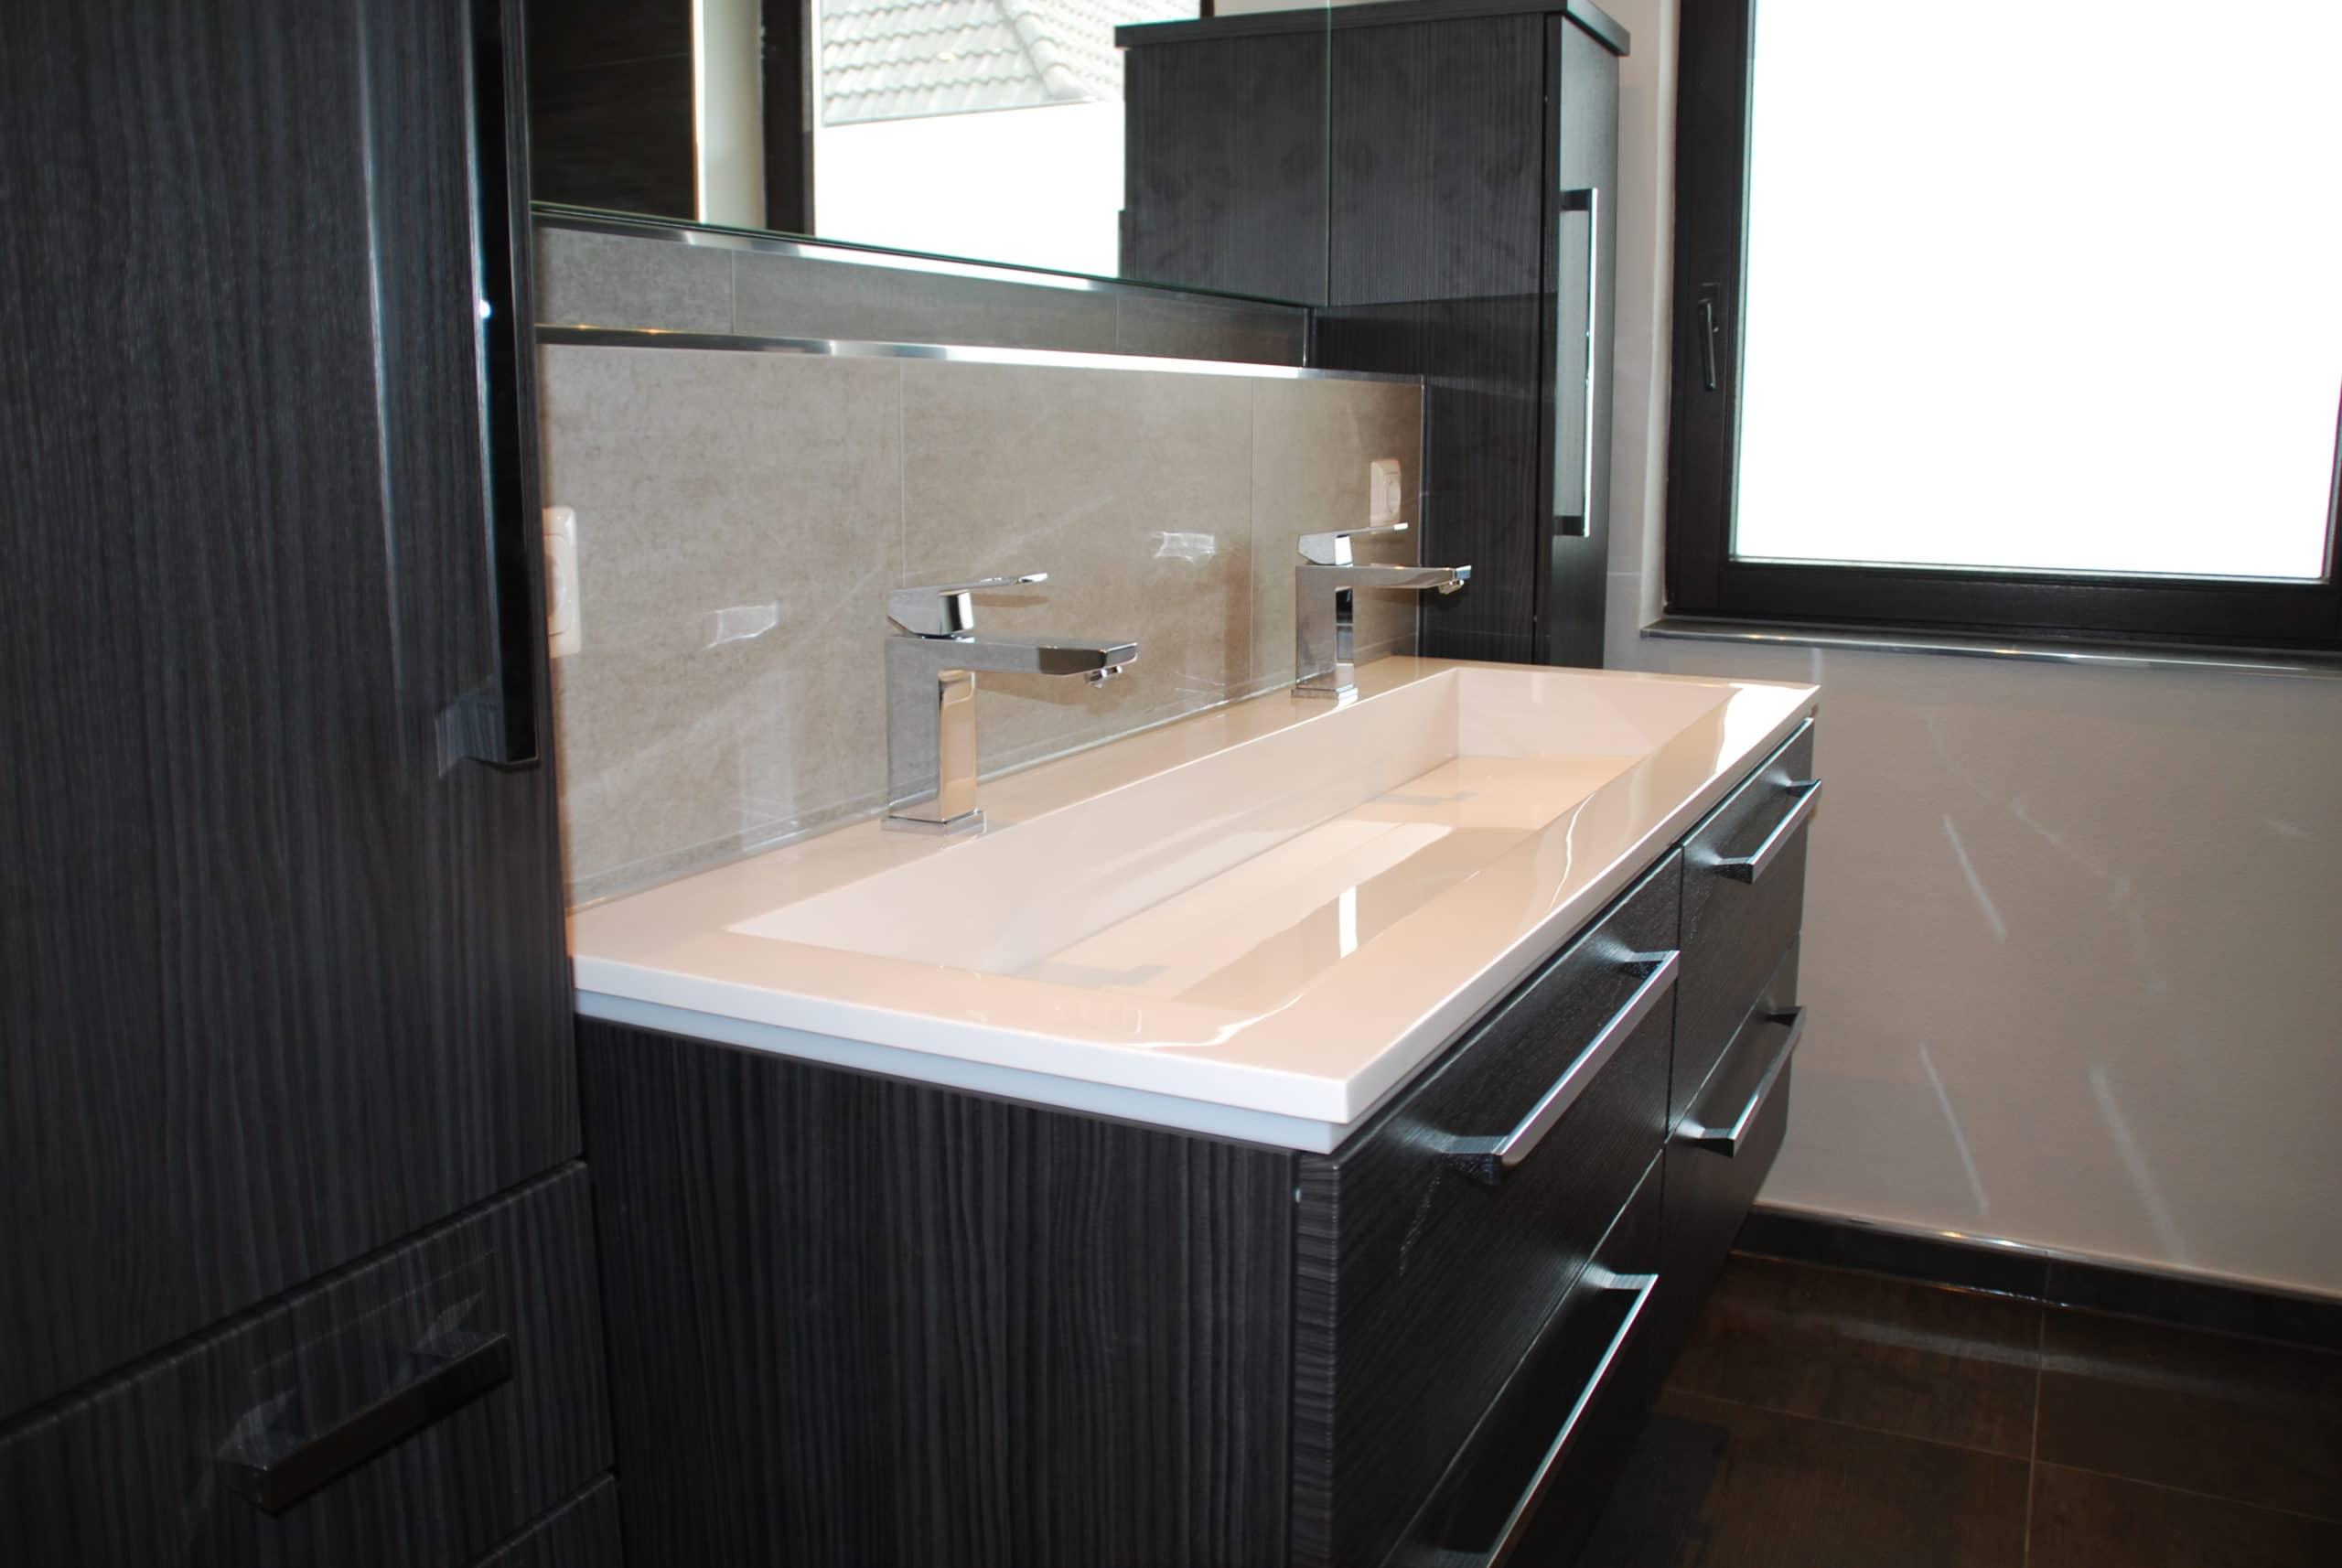 Badsanierung mit graue Badezimmermöbel